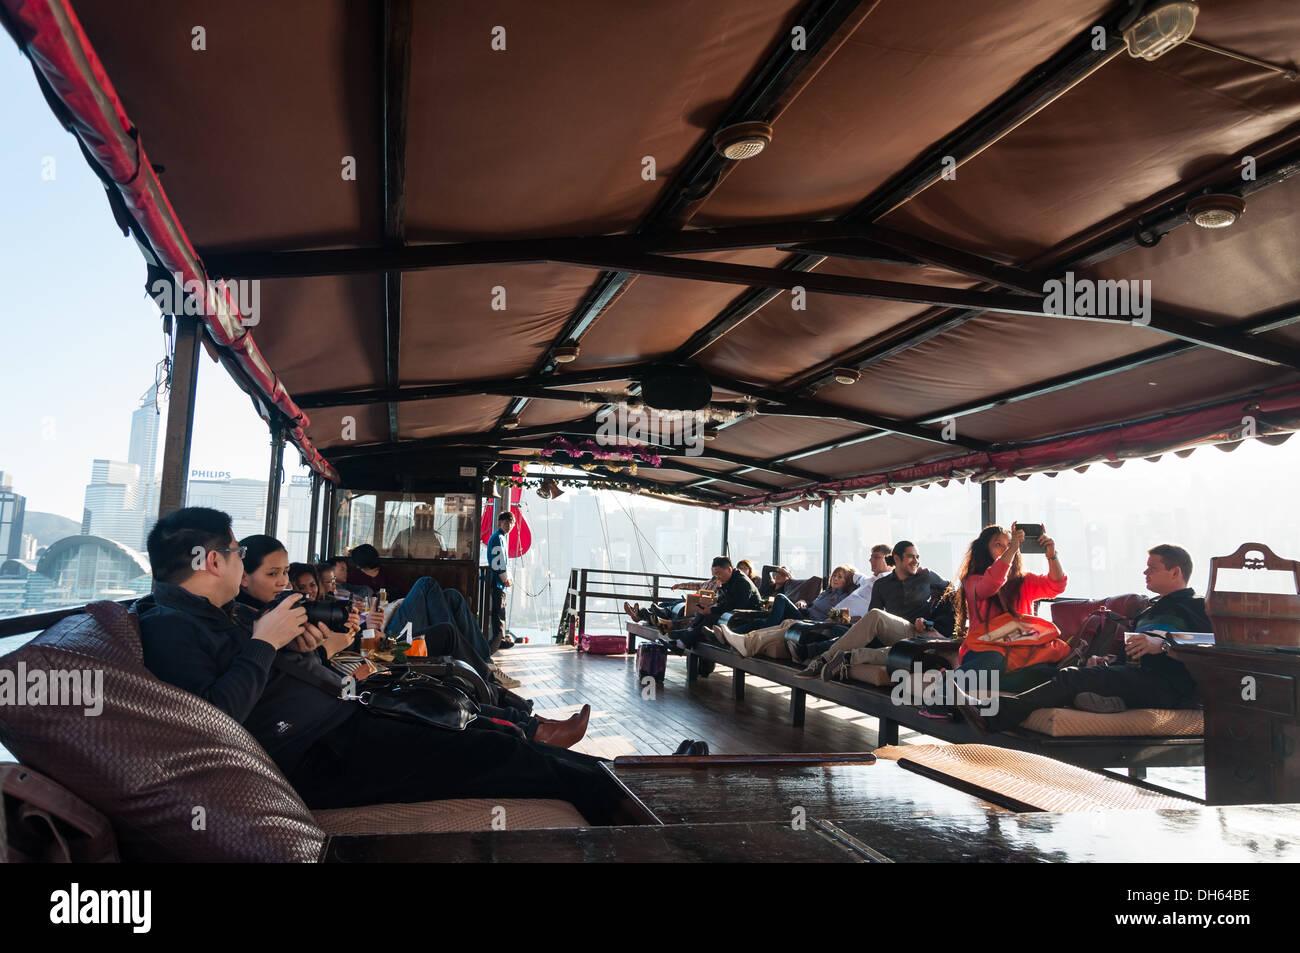 Touristen, die Entspannung an Bord eines traditionellen Junk-Schiffes in Hong Kong. Stockbild